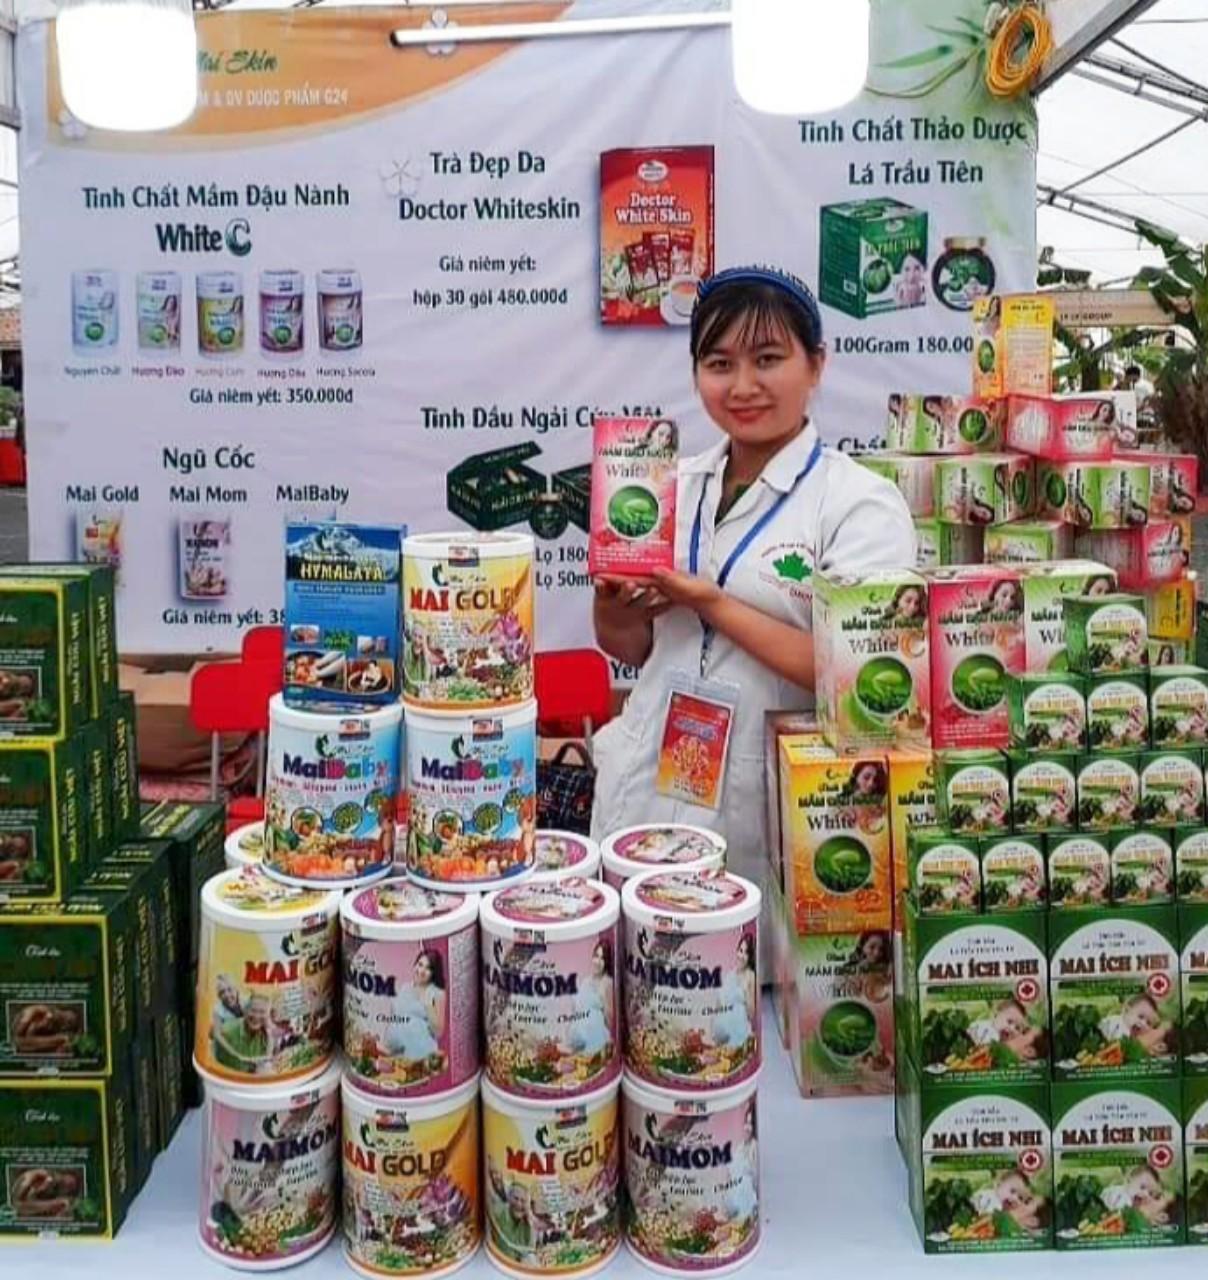 Lương Hiền: Cô kĩ sư trồng trọt trở thành nữ giám đốc chi nhánh tài ba - Ảnh 4